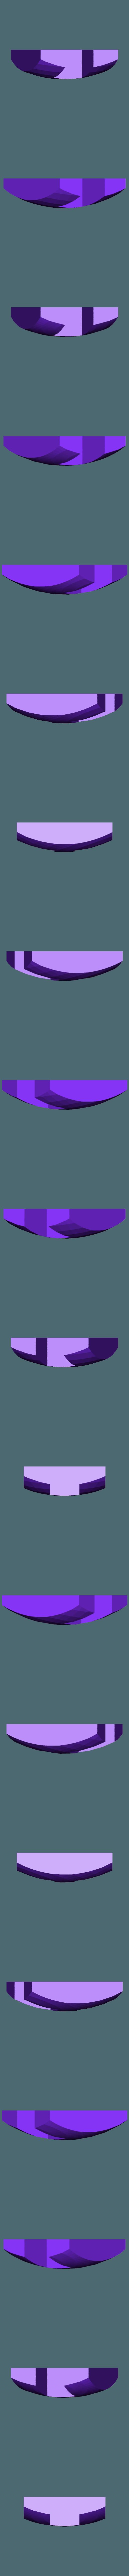 higgsHpmH.stl Télécharger fichier STL gratuit Modèle standard super-symétrique minimal bosons de Higgs • Objet imprimable en 3D, Mostlydecaf